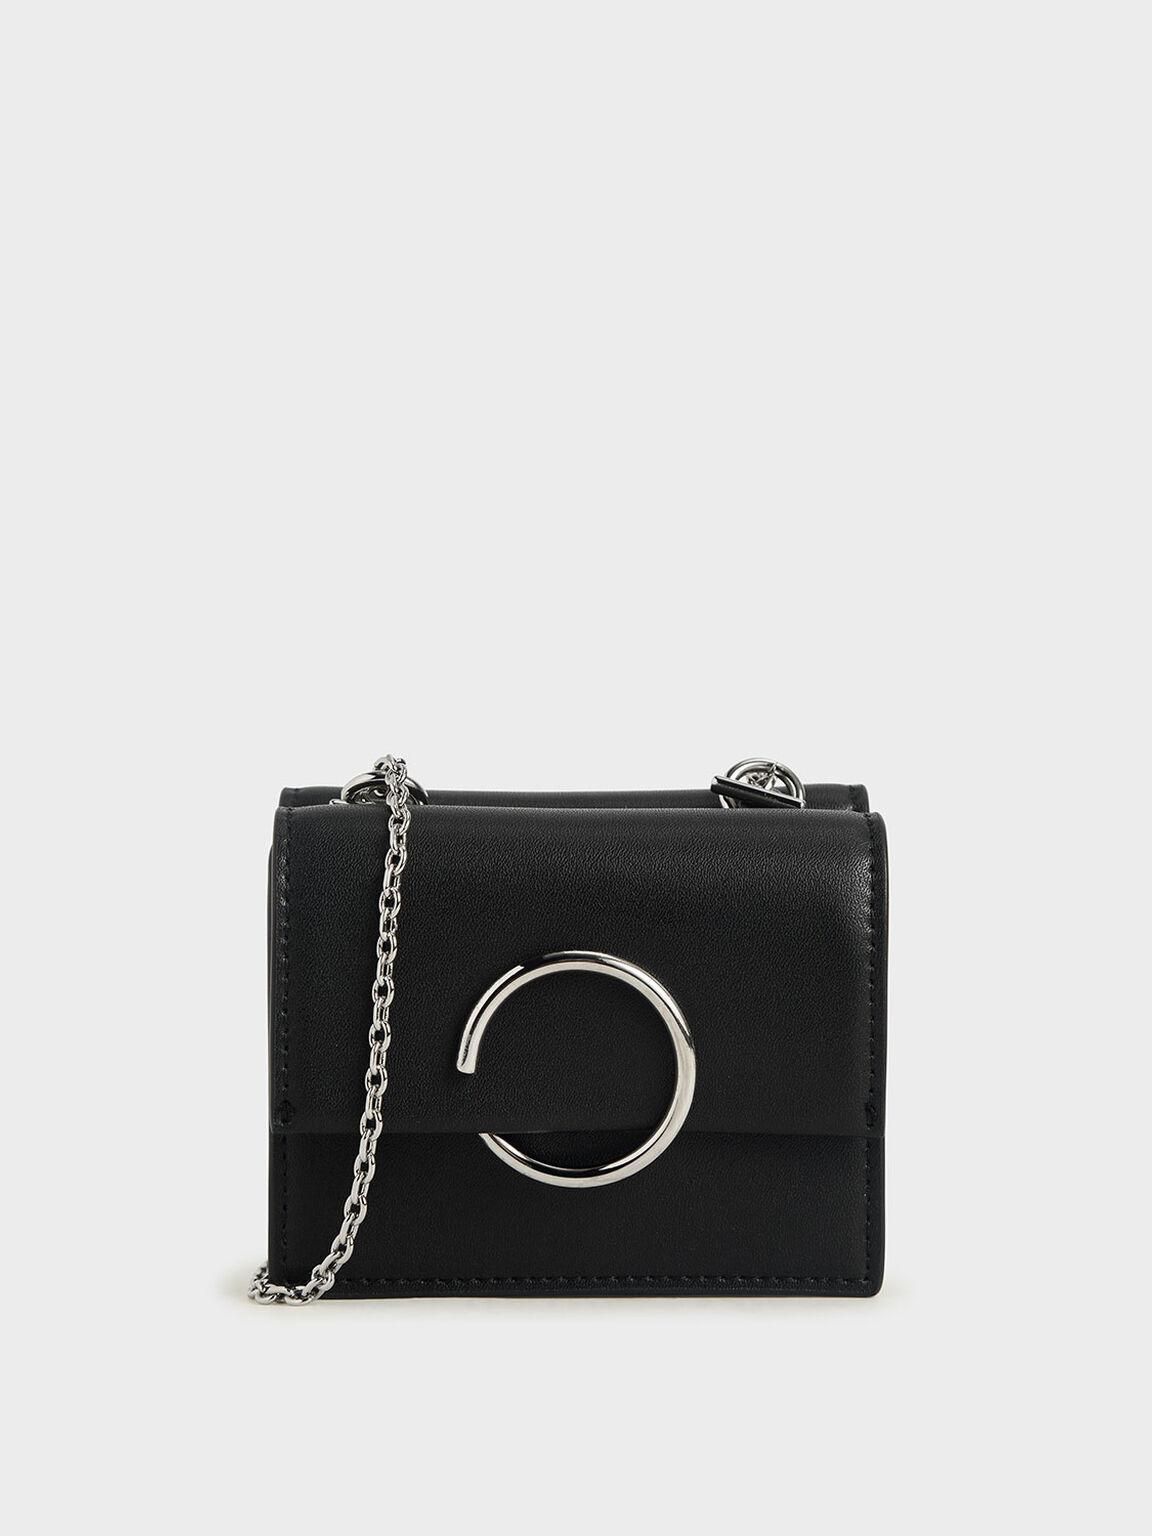 單色圓環短夾, 黑色, hi-res